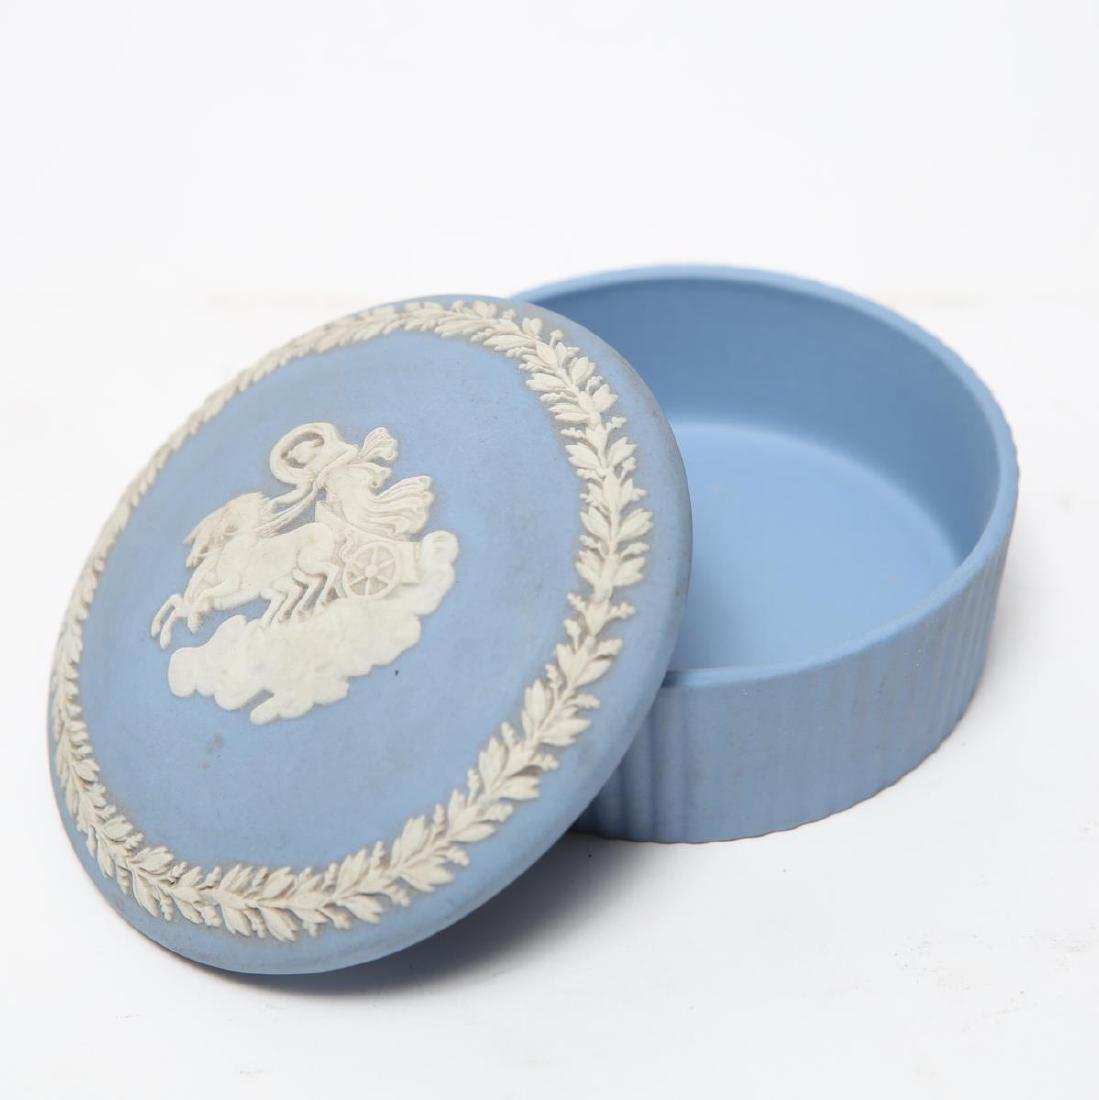 Wedgwood Green / Blue & White Jasperware Boxes, 5 - 5